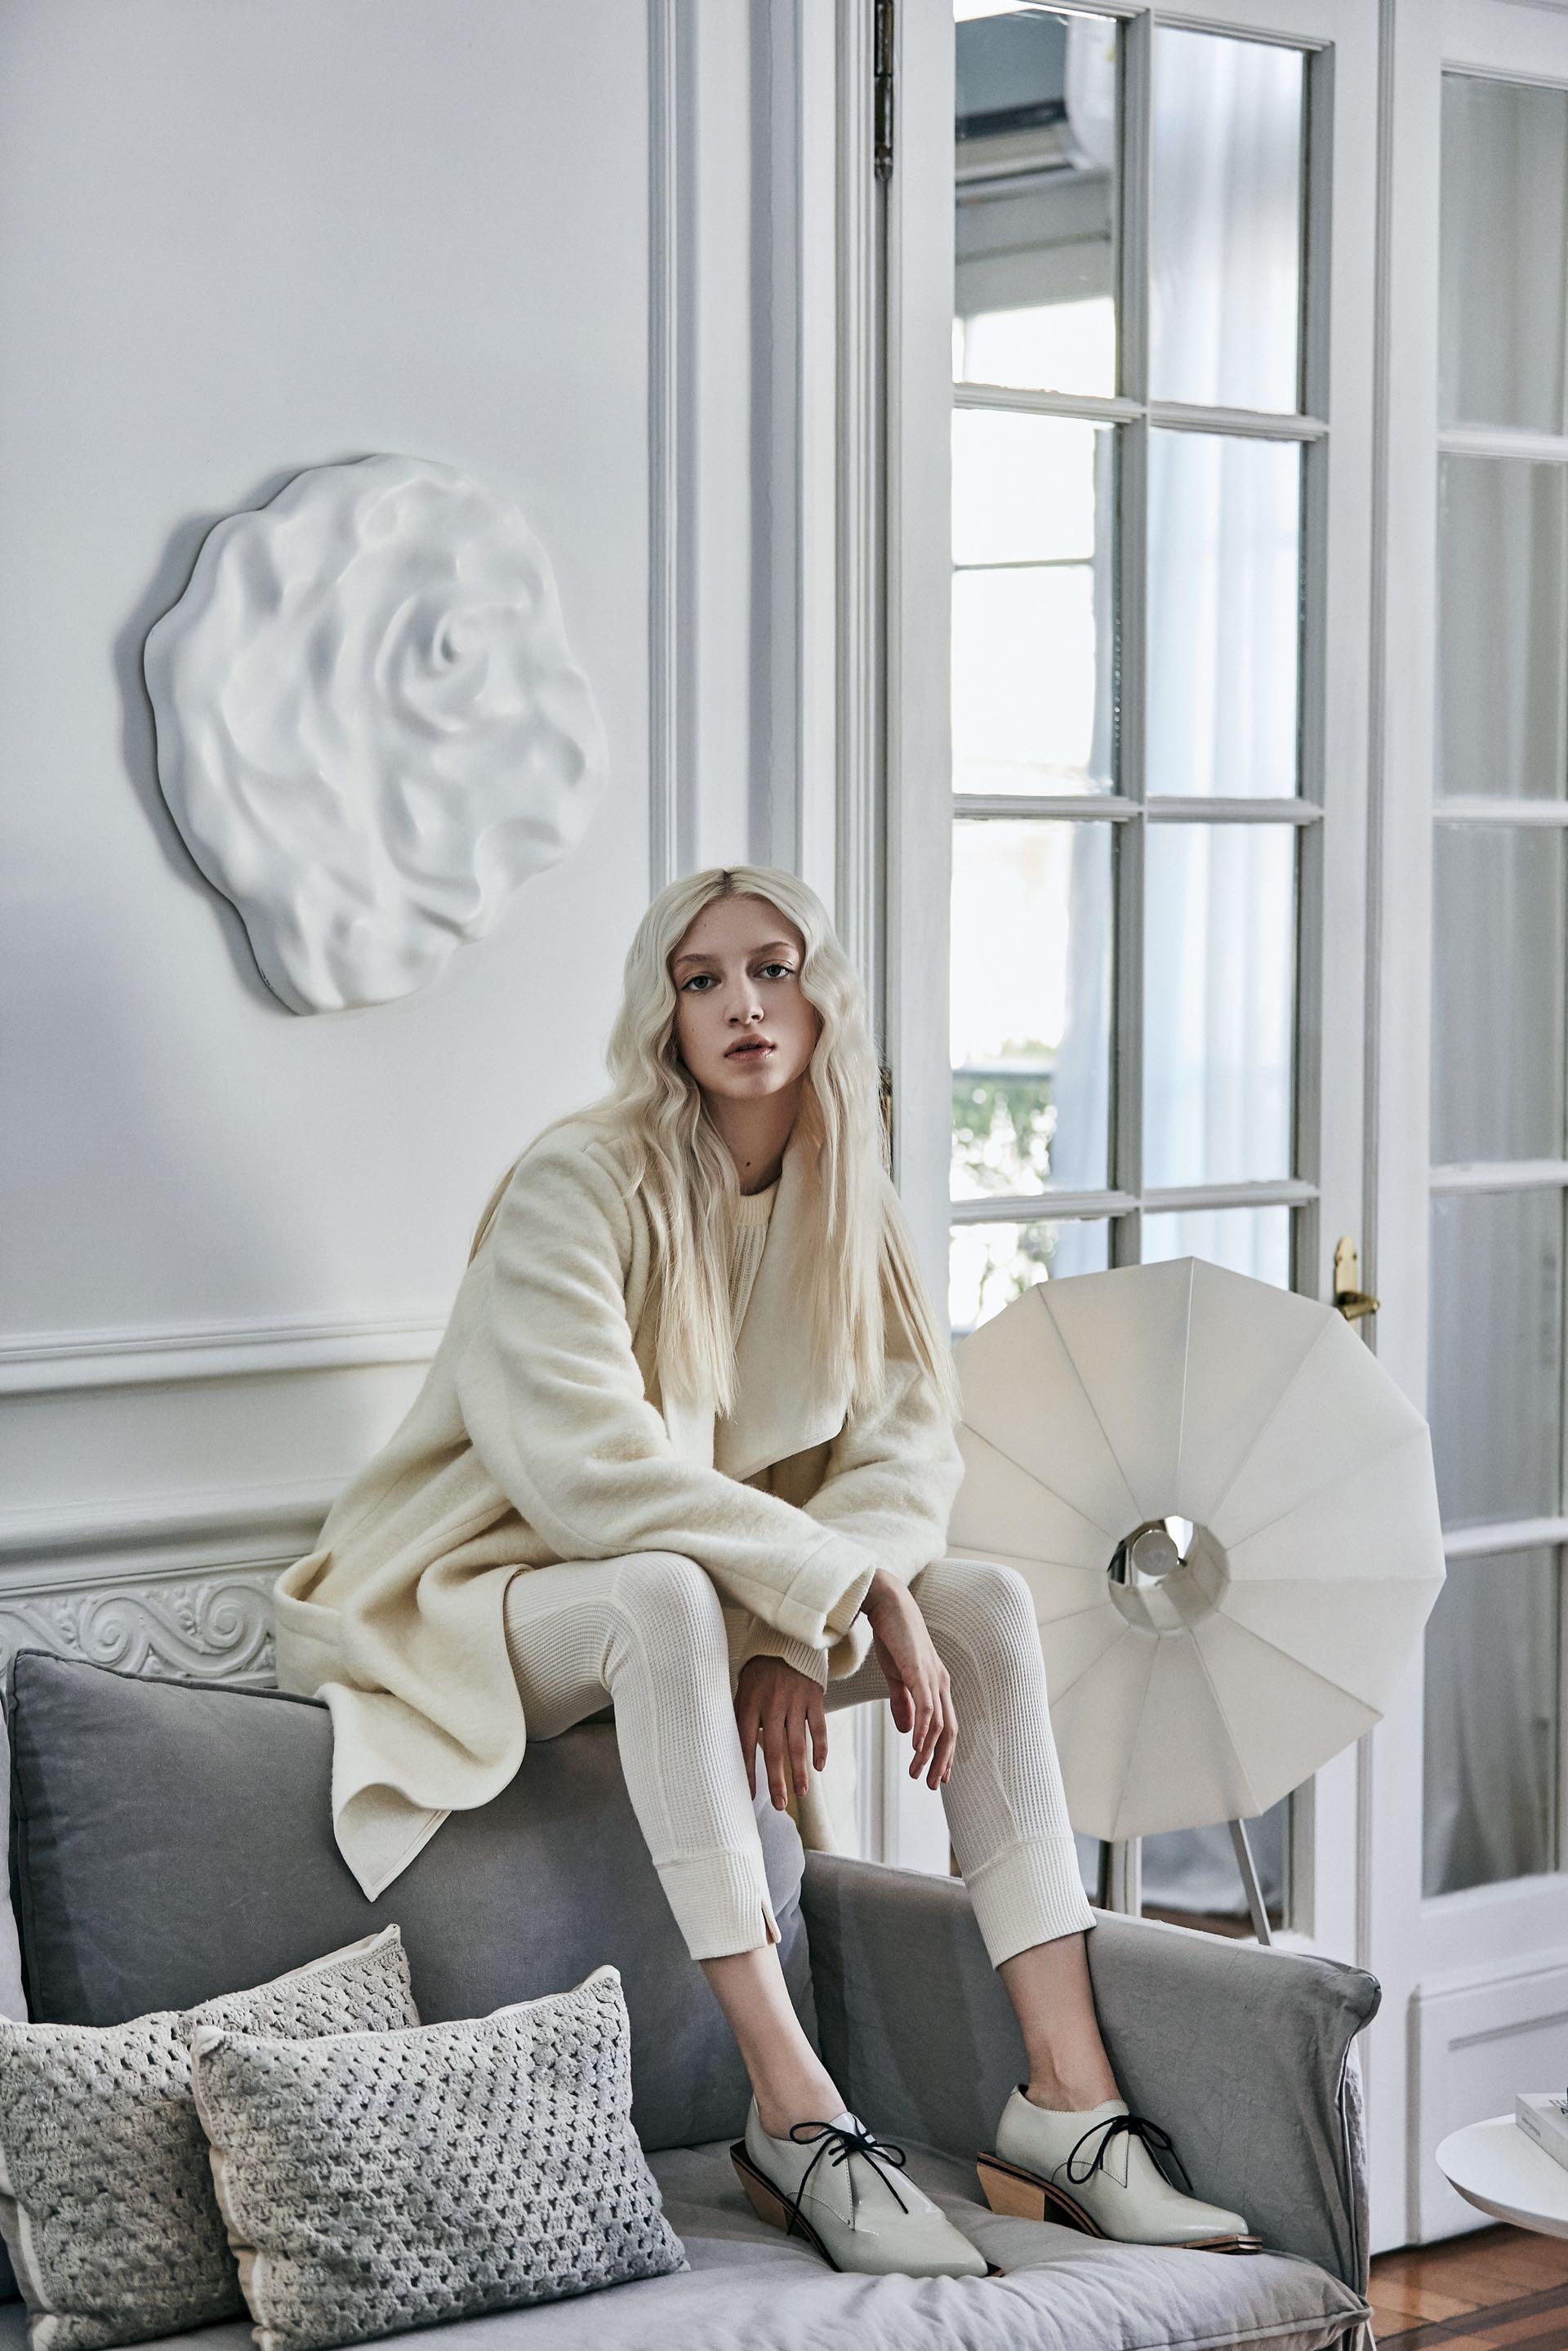 Tapado de lana cruda (Rafael Garófalo), suéter de lana con lazo ($ 2.490, Las Pepas), leggings de algodón (Cher) y zapatos de charol ($ 5.840, Mishka).(Foto: Chino Toccalino/ Para Ti)